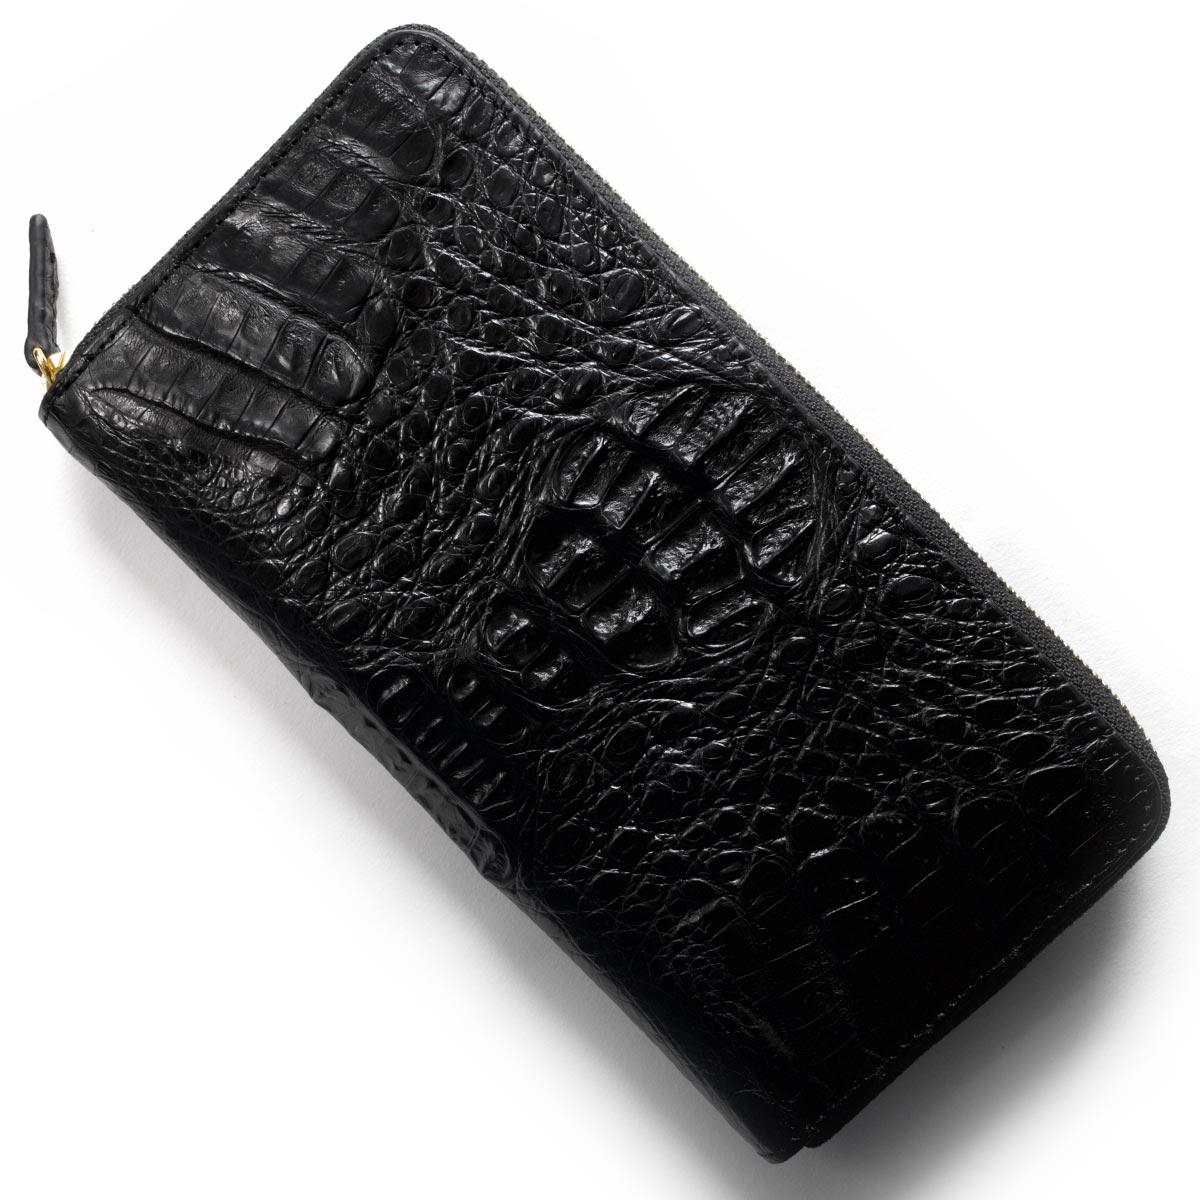 本革 長財布 財布 メンズ レディース カイマンワニ CAIMAN GENUINE ブラック CJN0477A BKMT Leather